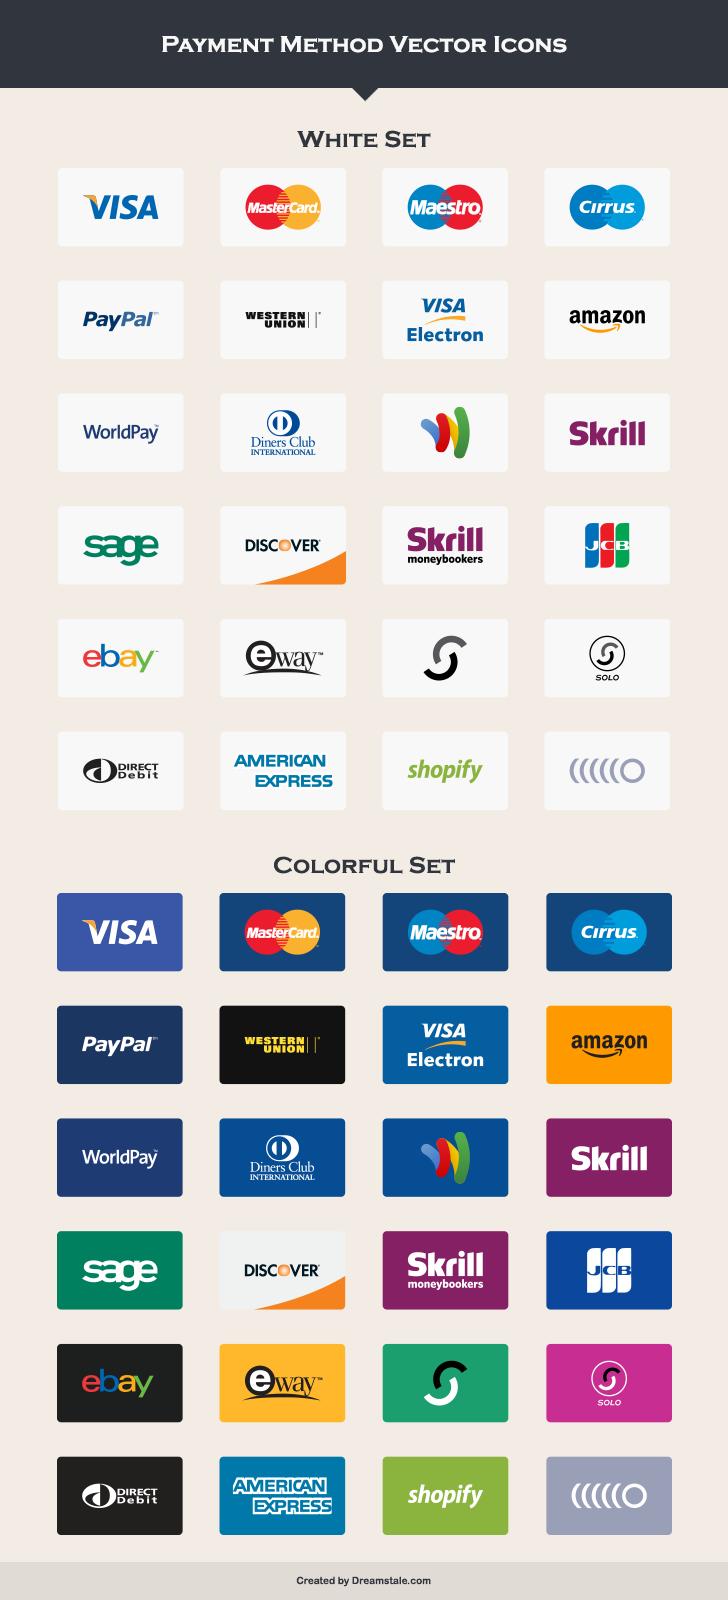 pagamento método por vetores-ícones-large-preview